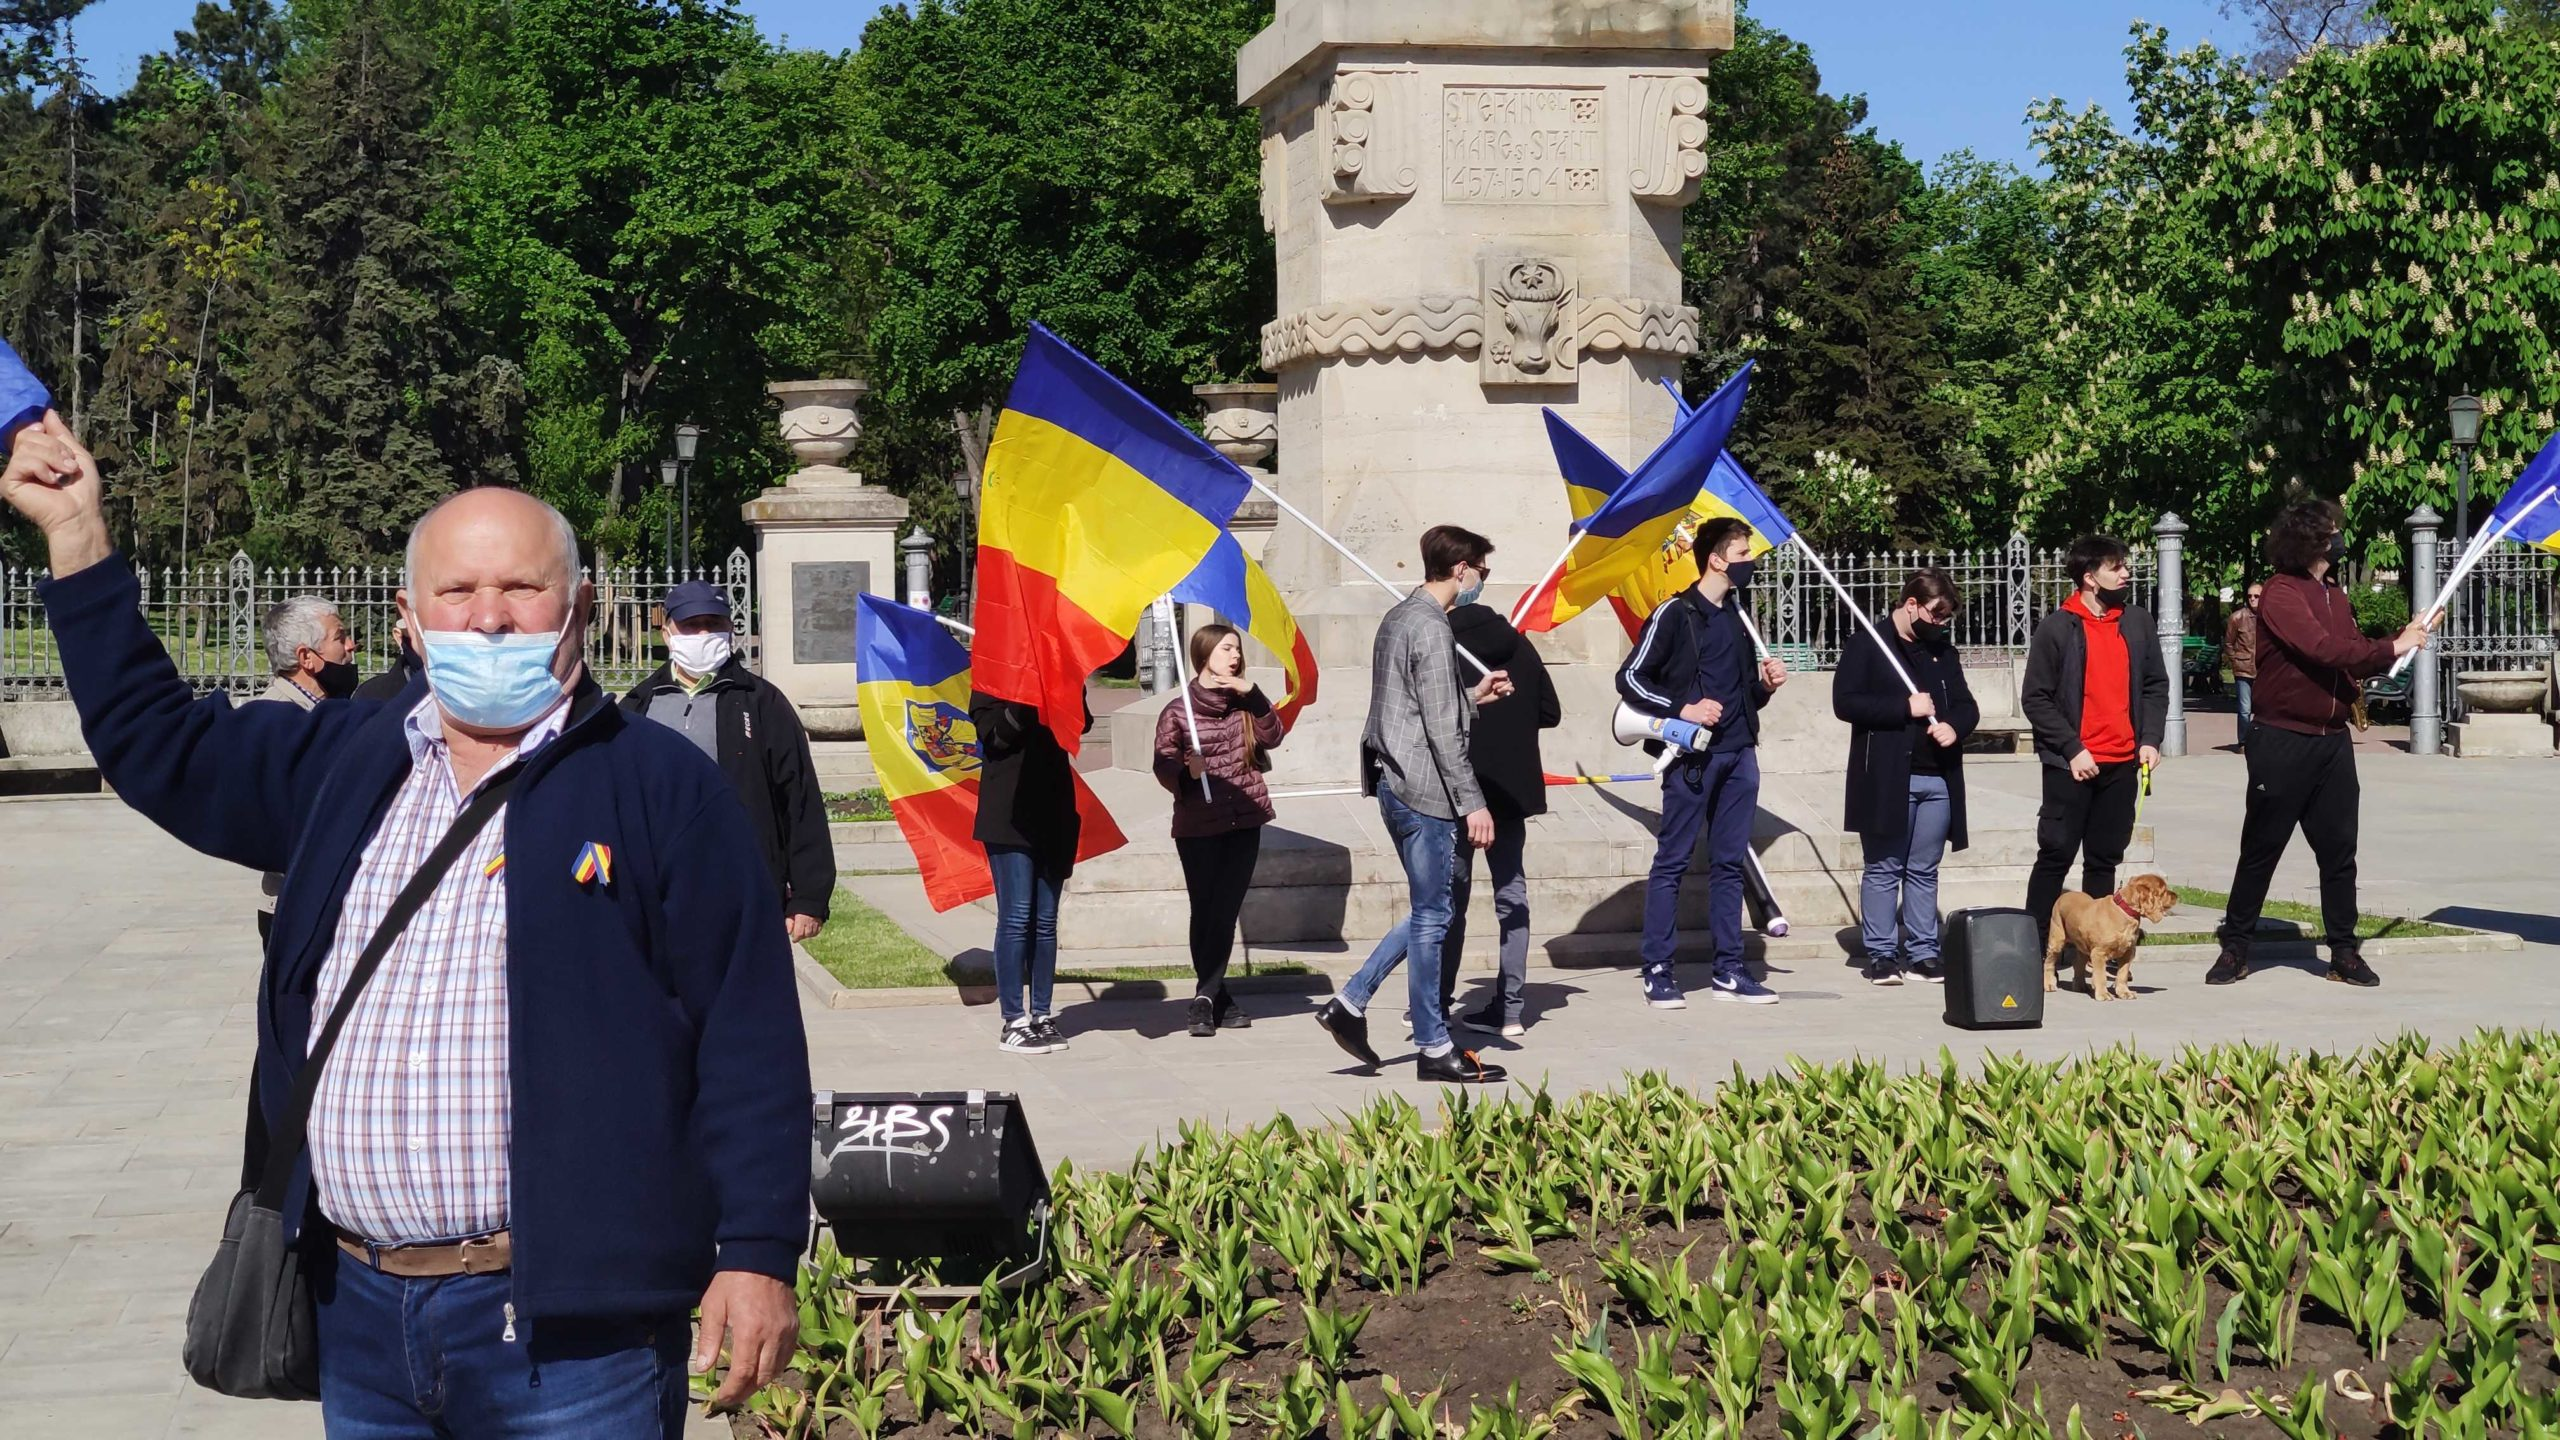 «Мы— антисоциалисты». ВКишиневе нацентральной площади прошла контрманифестация (ФОТО)